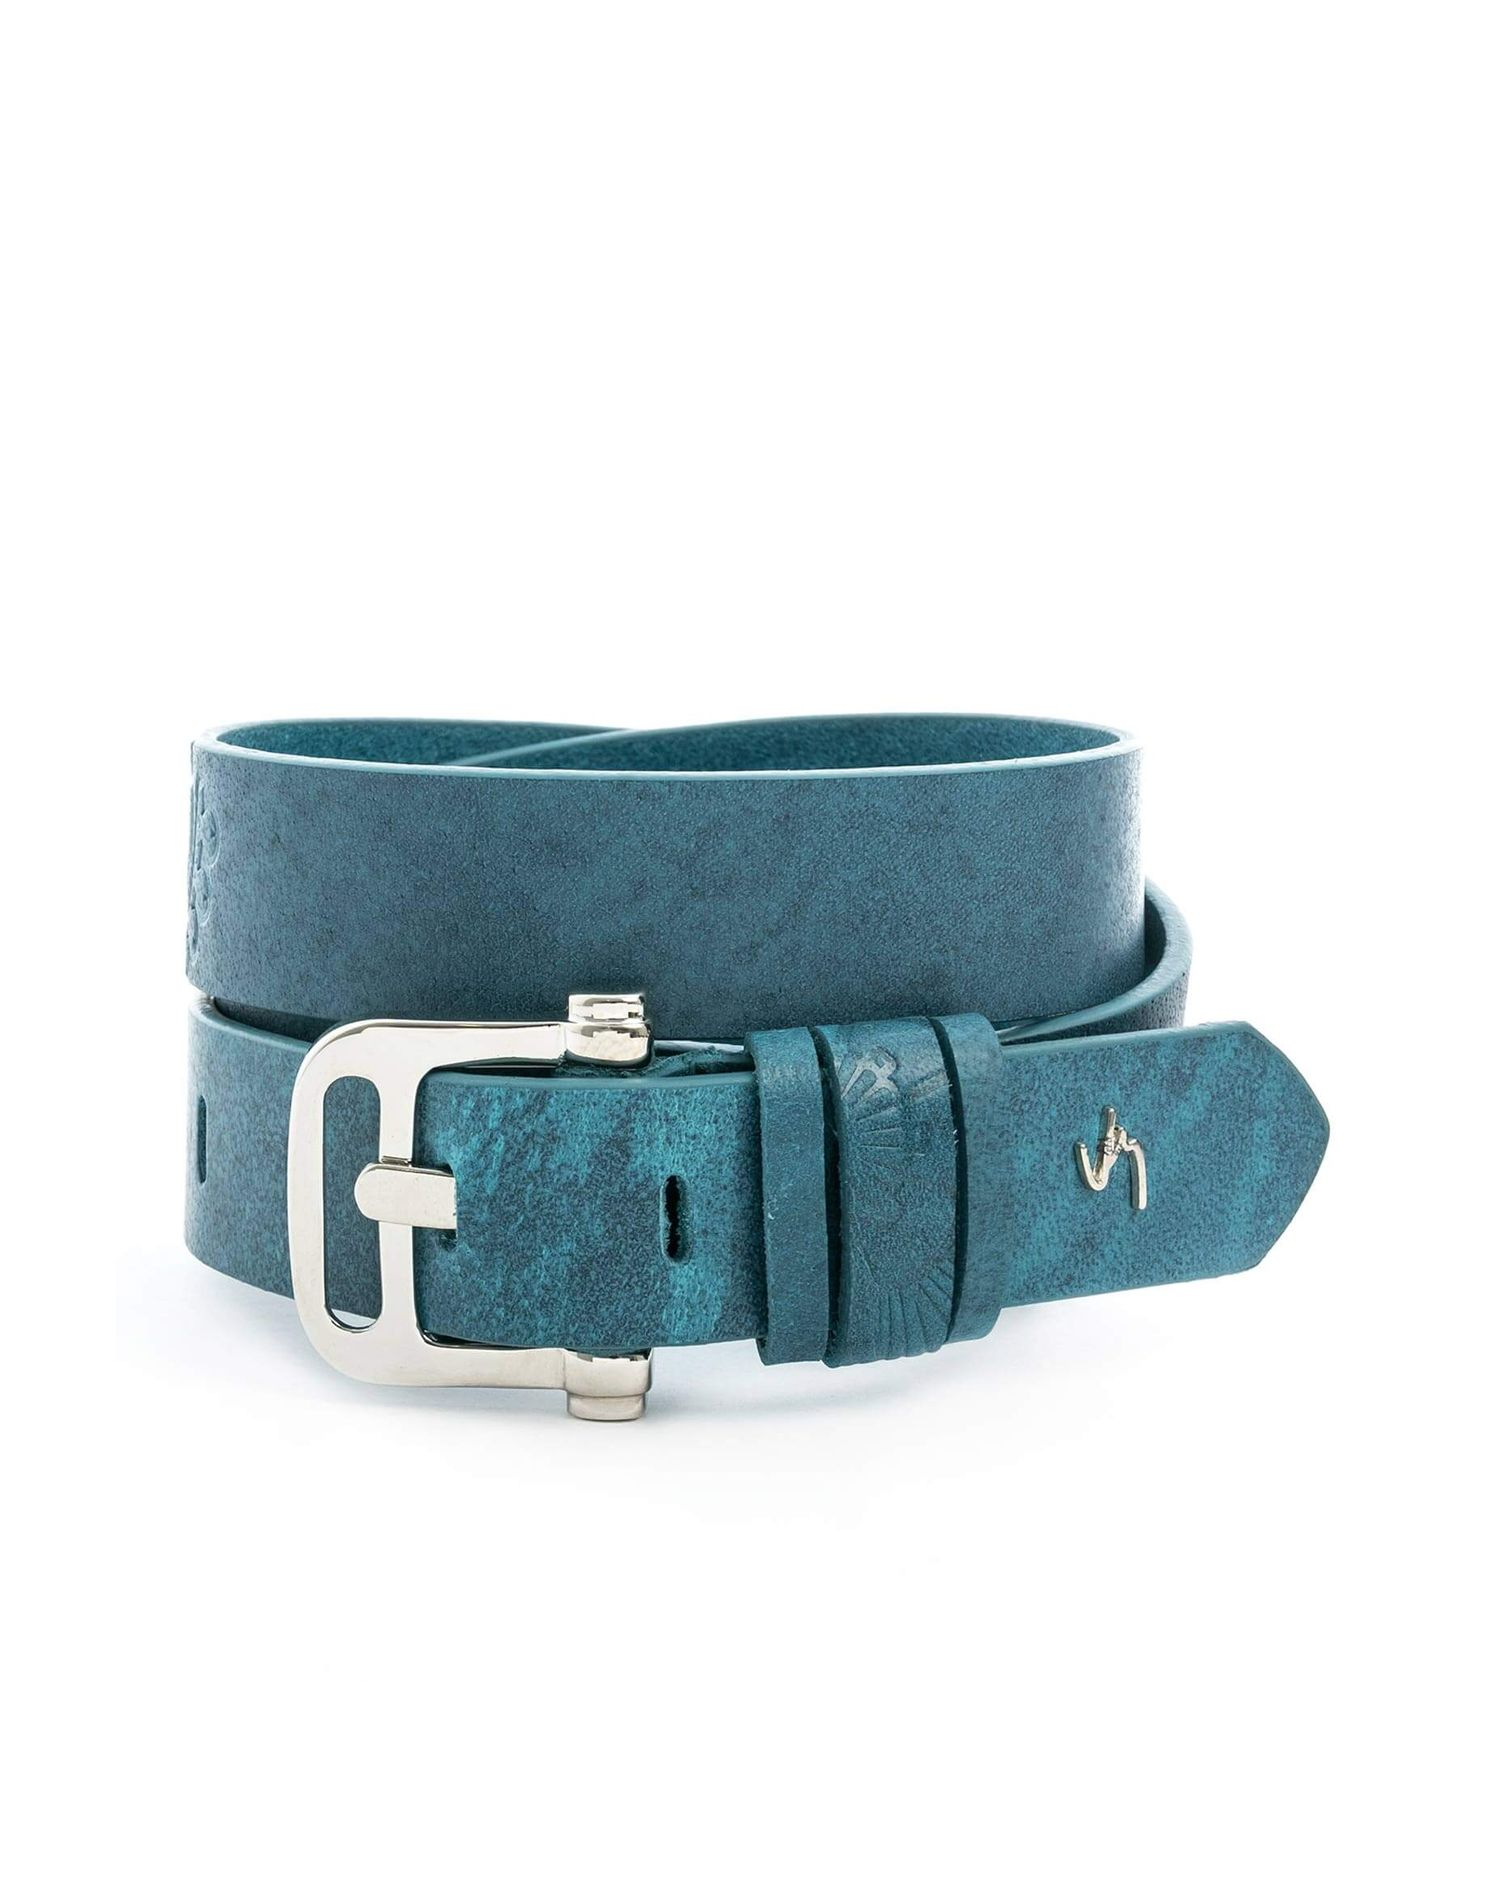 5d21961814d42 Cinturón unifaz de cuero para mujer 18803